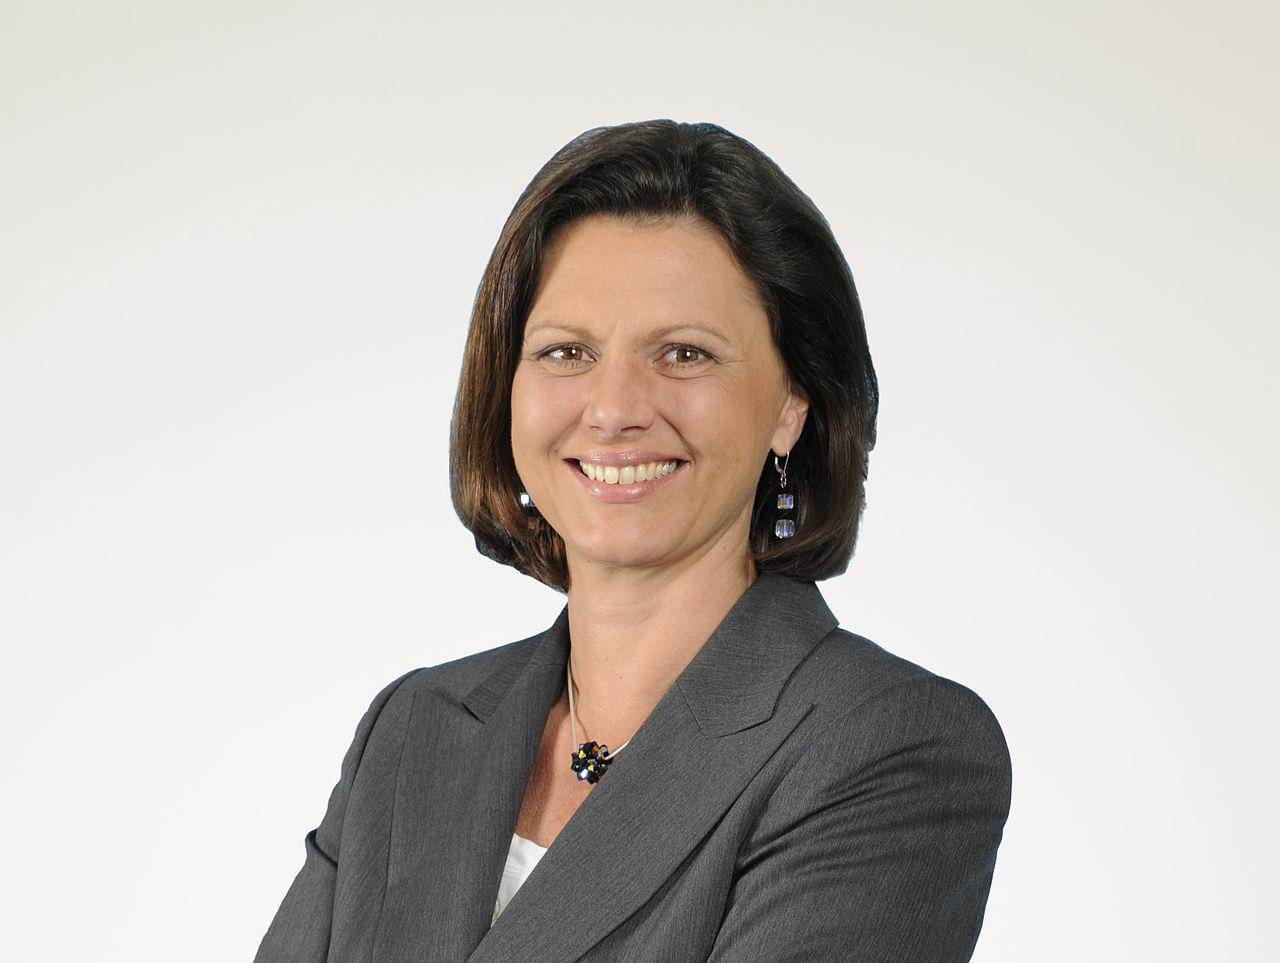 Bayerns Wirtschaftsministerin Ilse Aigner plant ein Zentrum für die Digitalisierung in Bayern. (Bild: Bildquelle: Sascha Rahn/CC BY-SA 3.0 DE)